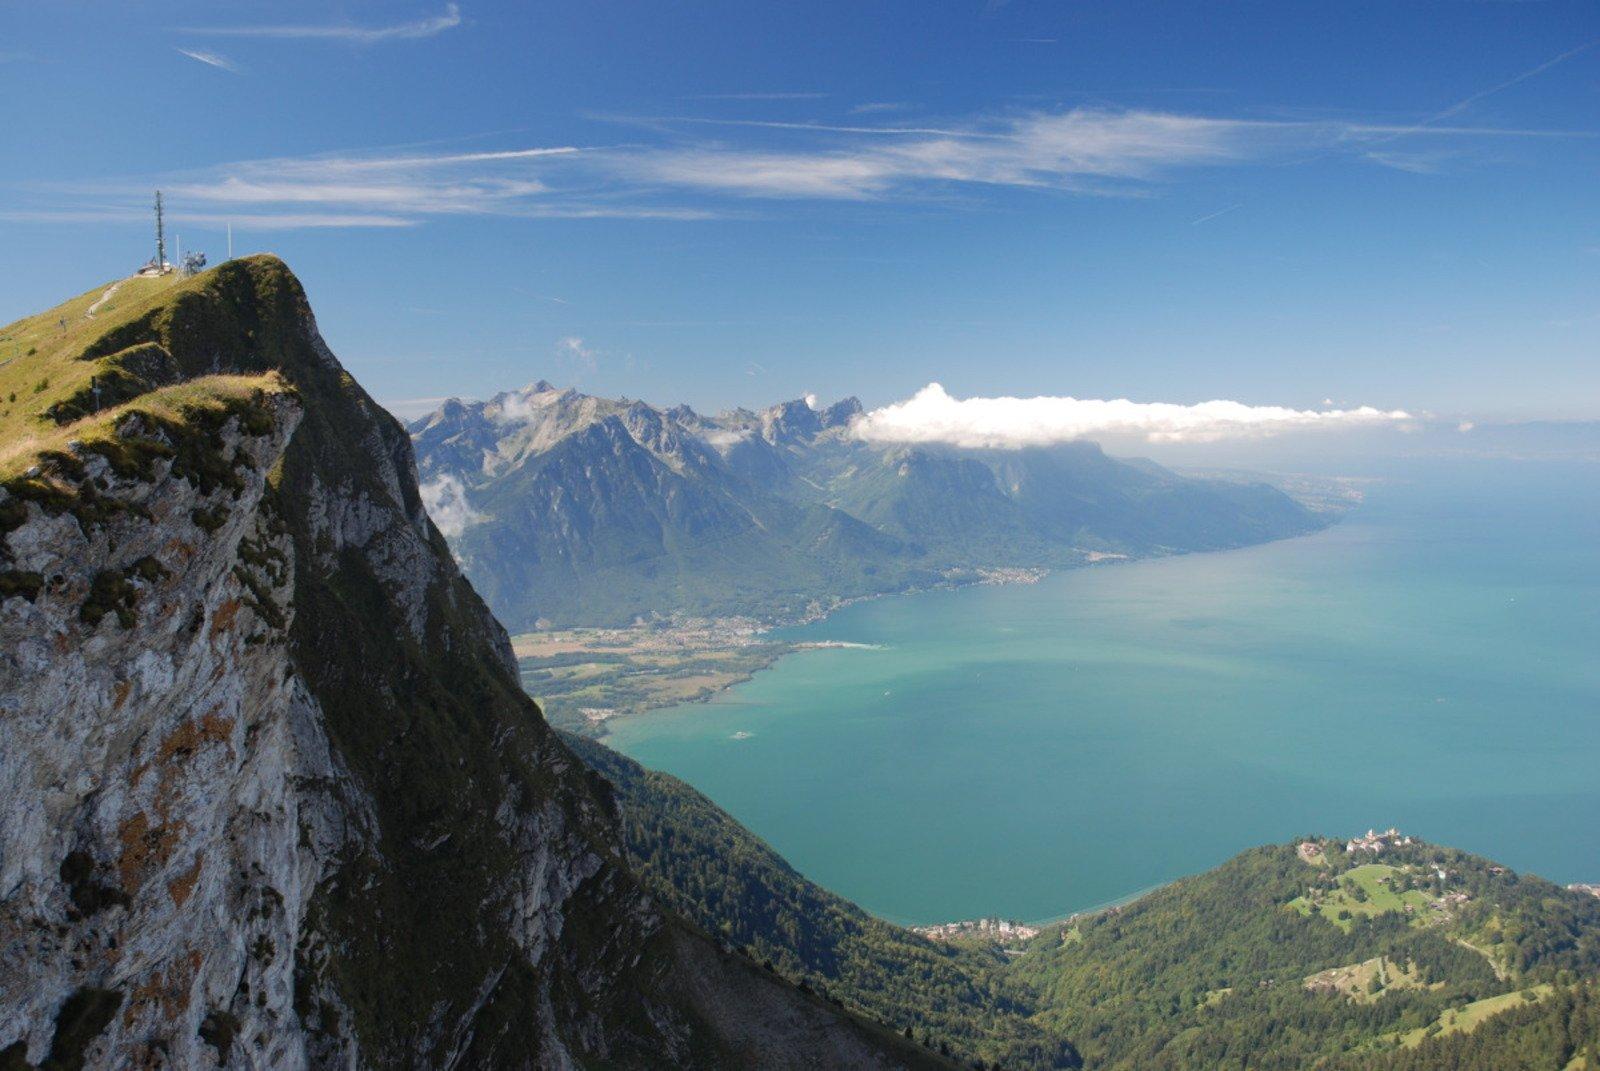 Rochers de Naye Lake Geneva